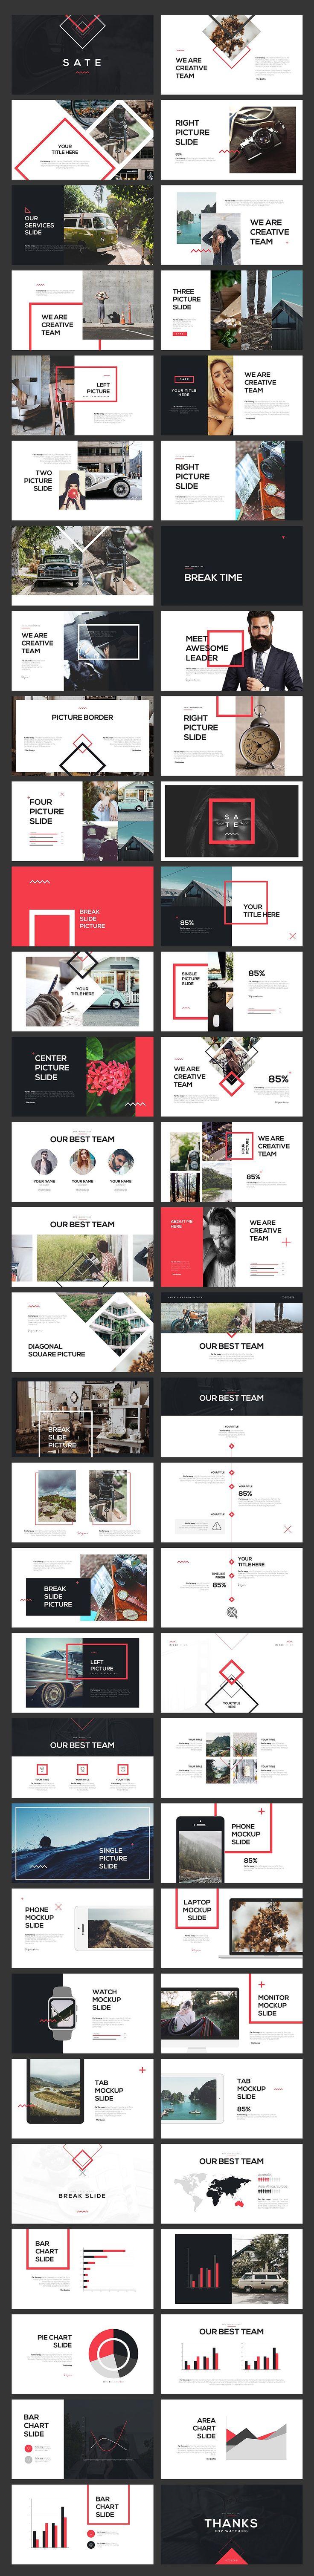 Módulos cuadro y color como elementos en el diseño, infografía y más editorial